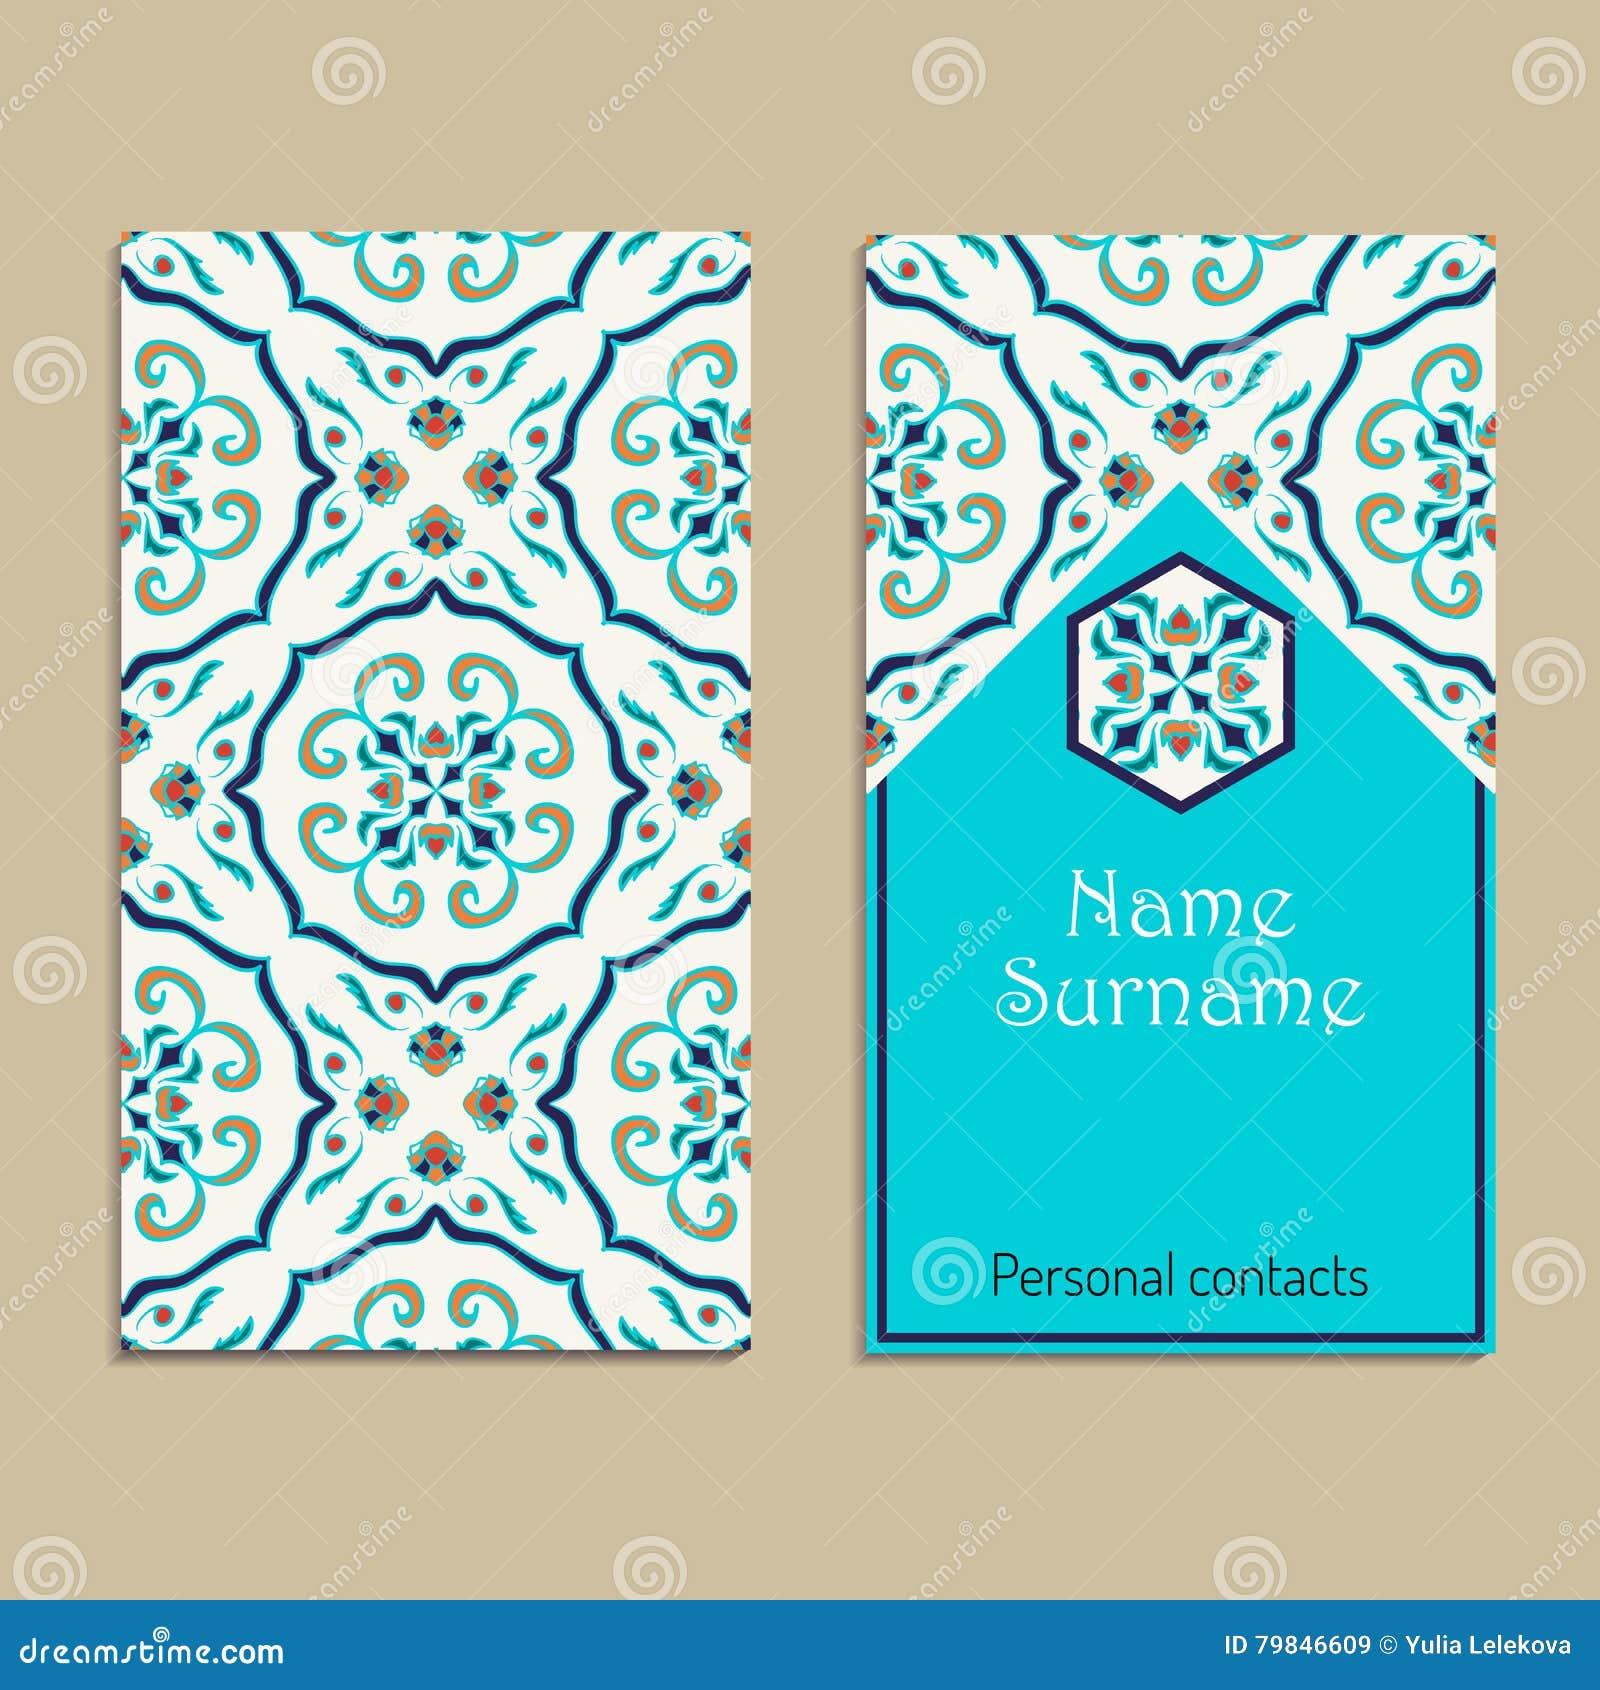 Calibre De Carte Visite Professionnelle Vecteur Portugais Marocain Azulejo Arabe Ornements Asiatiques Motifs Geometriques Et Floraux